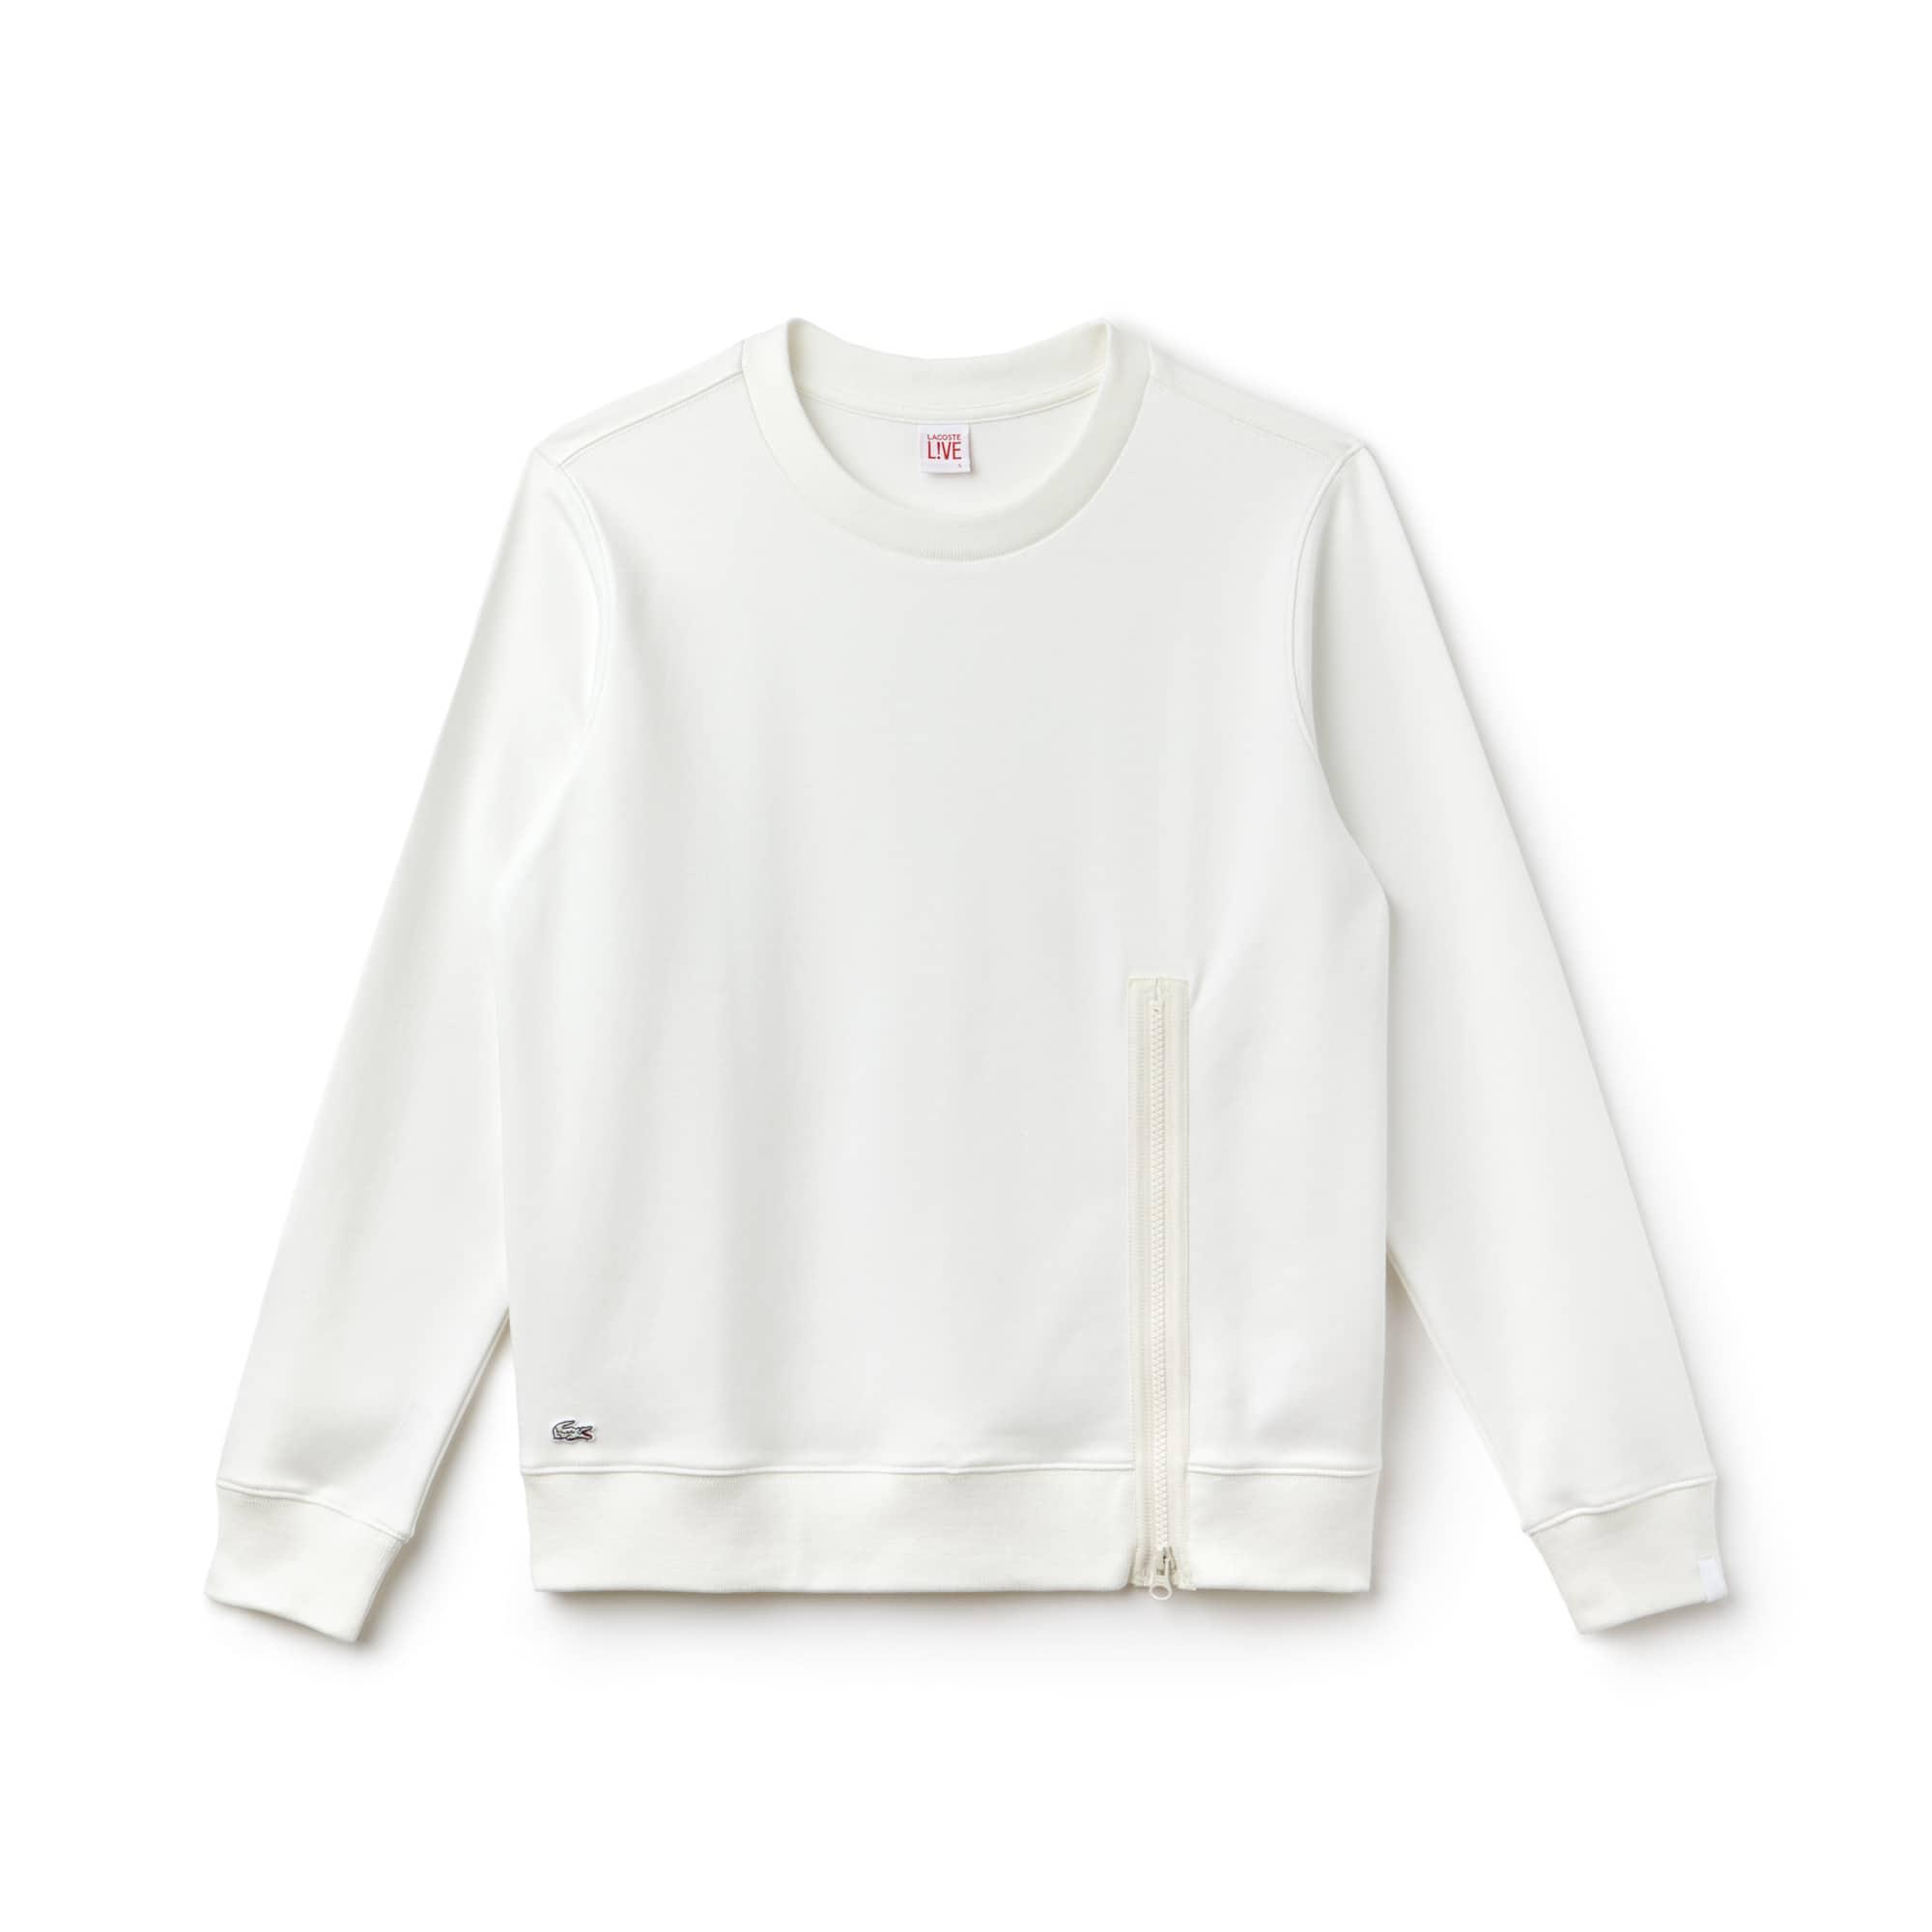 Women's Lacoste LIVE Crew Neck Interlock Zip Sweatshirt